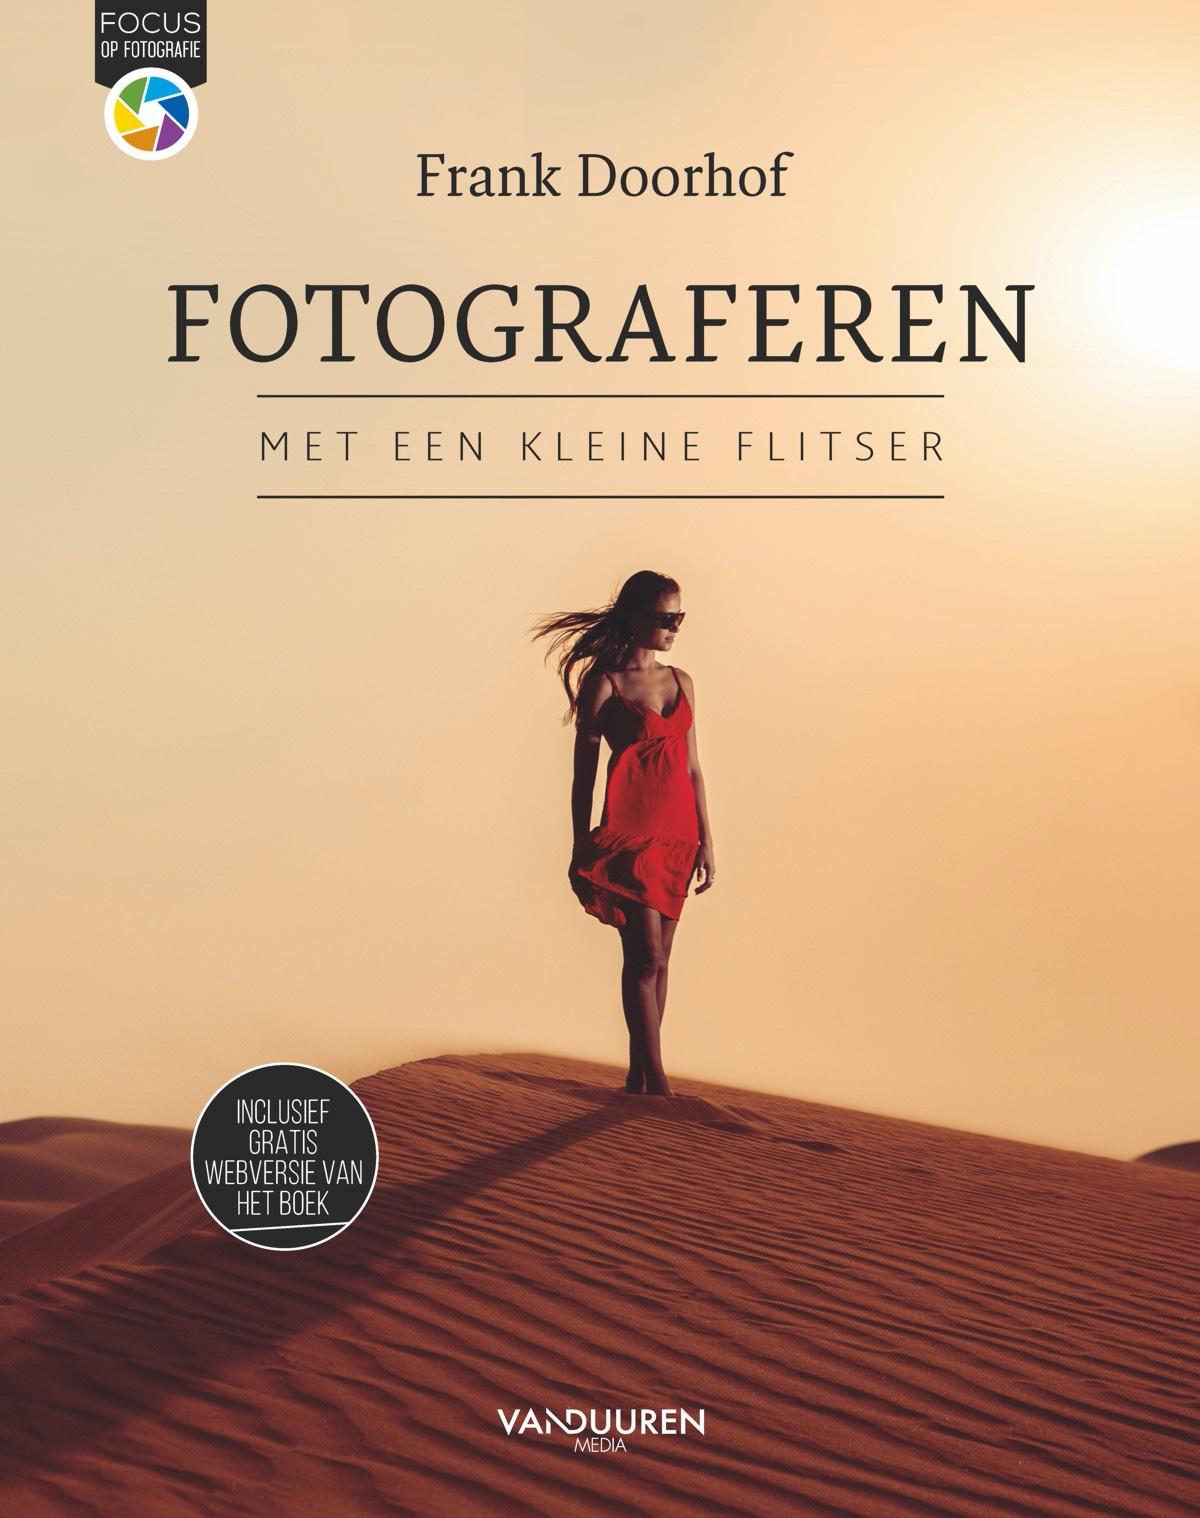 Fotograferen met een kleine flitser - Frank Doorhof, isbn 9789463561532